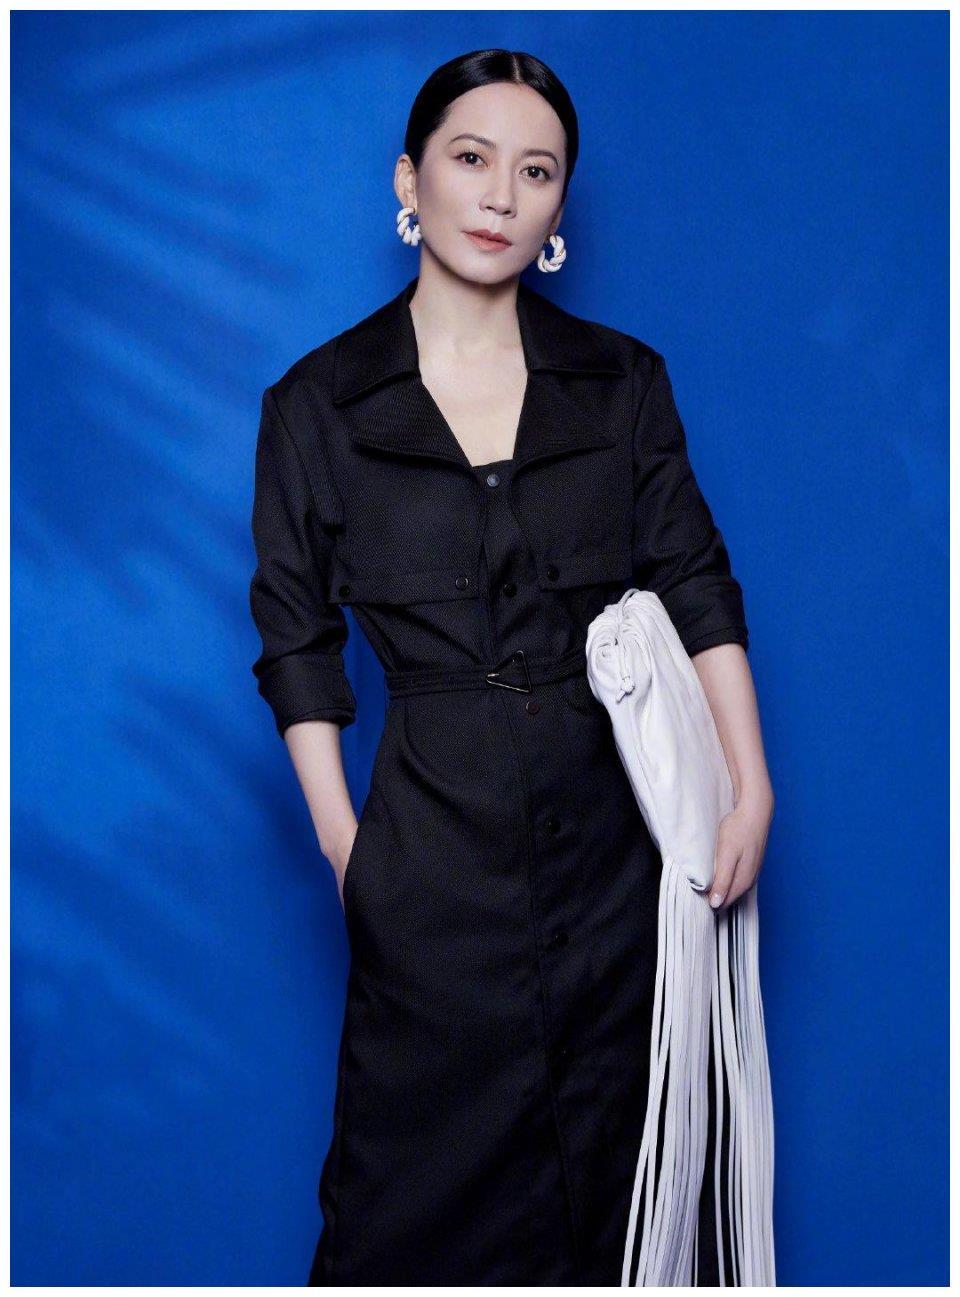 不老女神俞飞鸿真会搭,黑色风衣裙配白色流苏包,时尚里透着高级